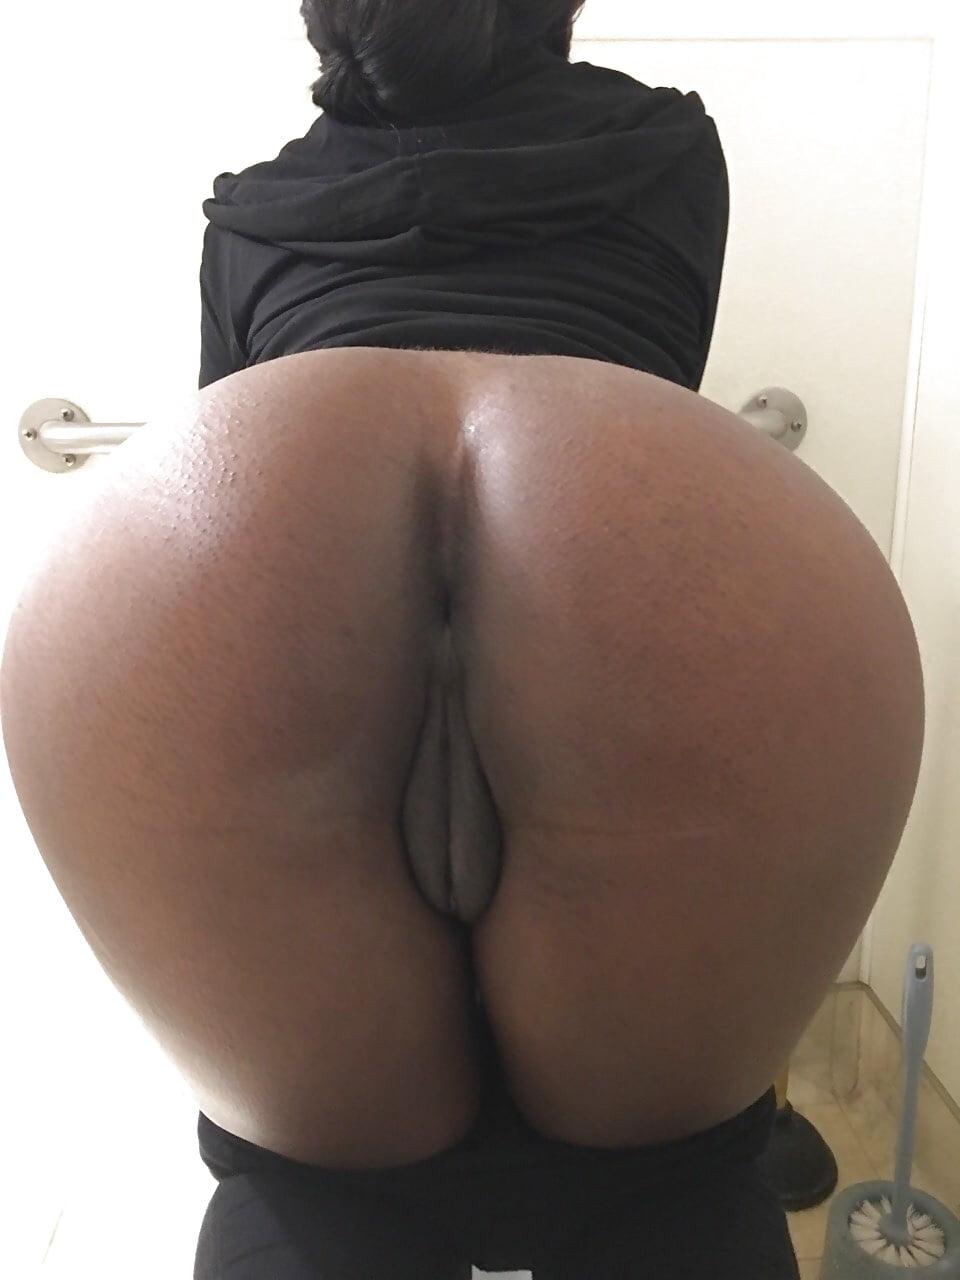 clit Black girl